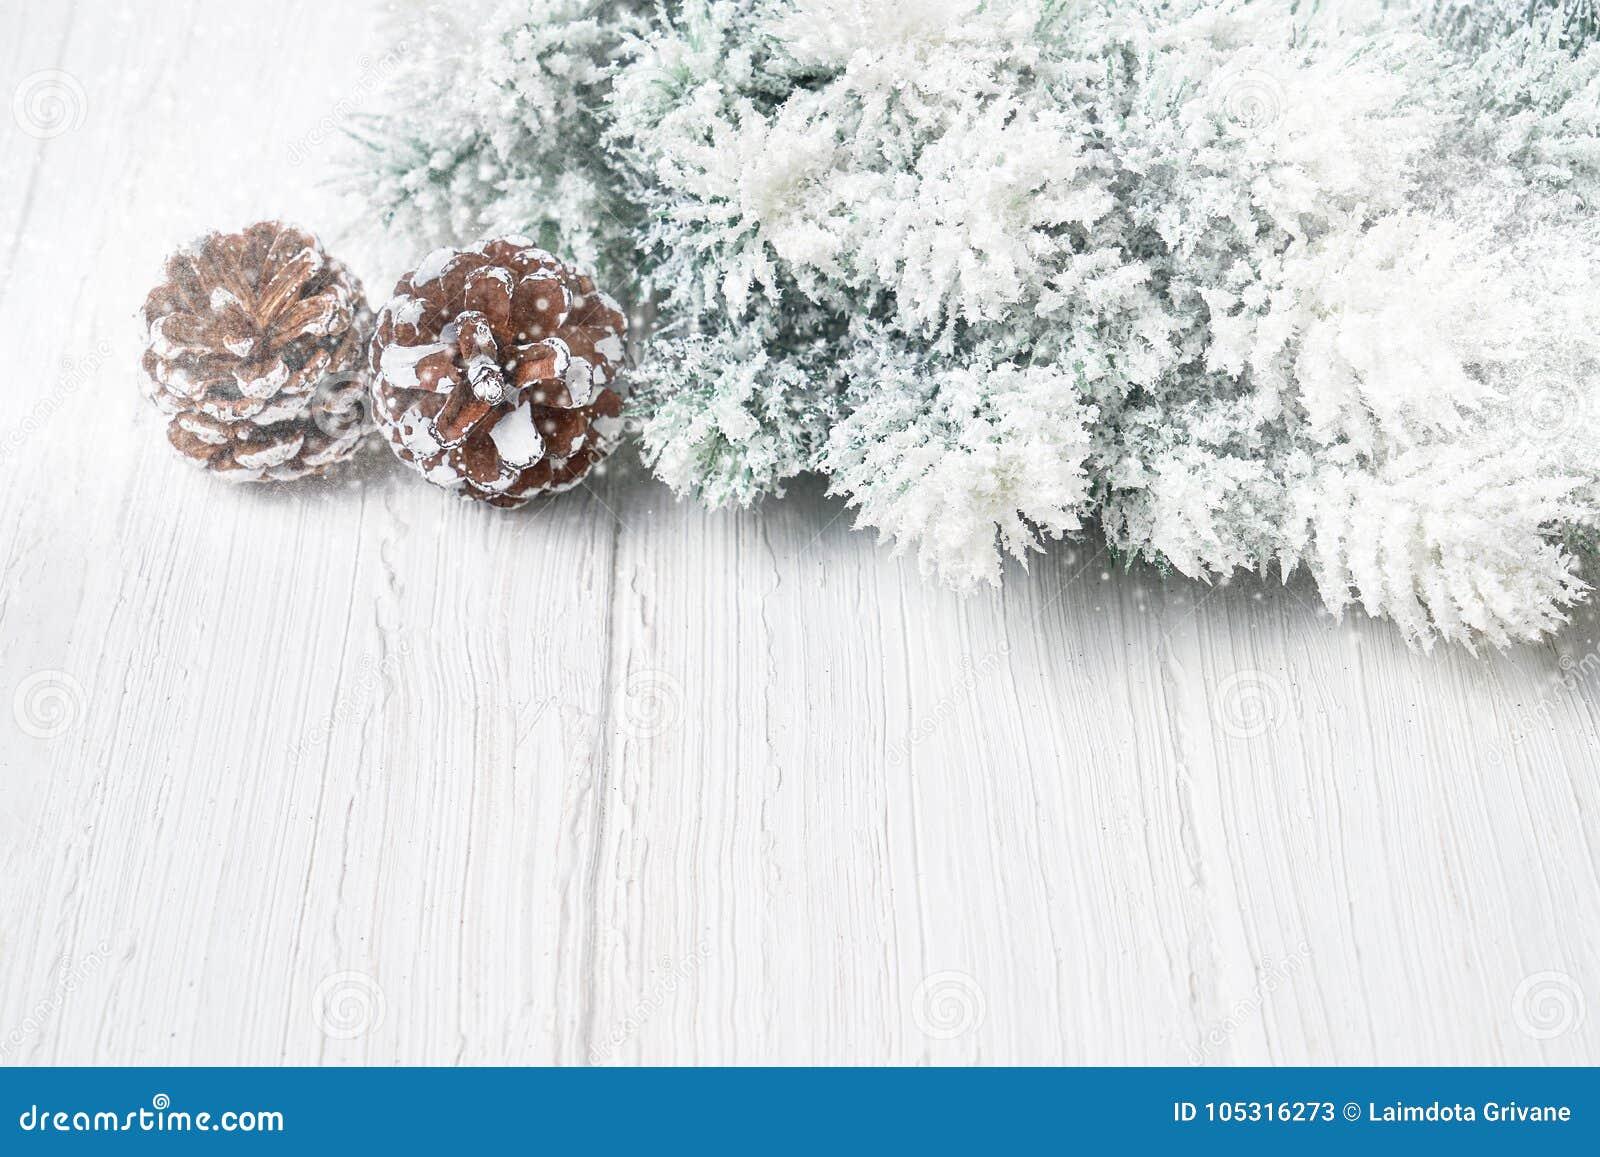 Branche D Arbre Sapin De Noel fond de noël blanc branches d'arbre de sapin de noël avec la